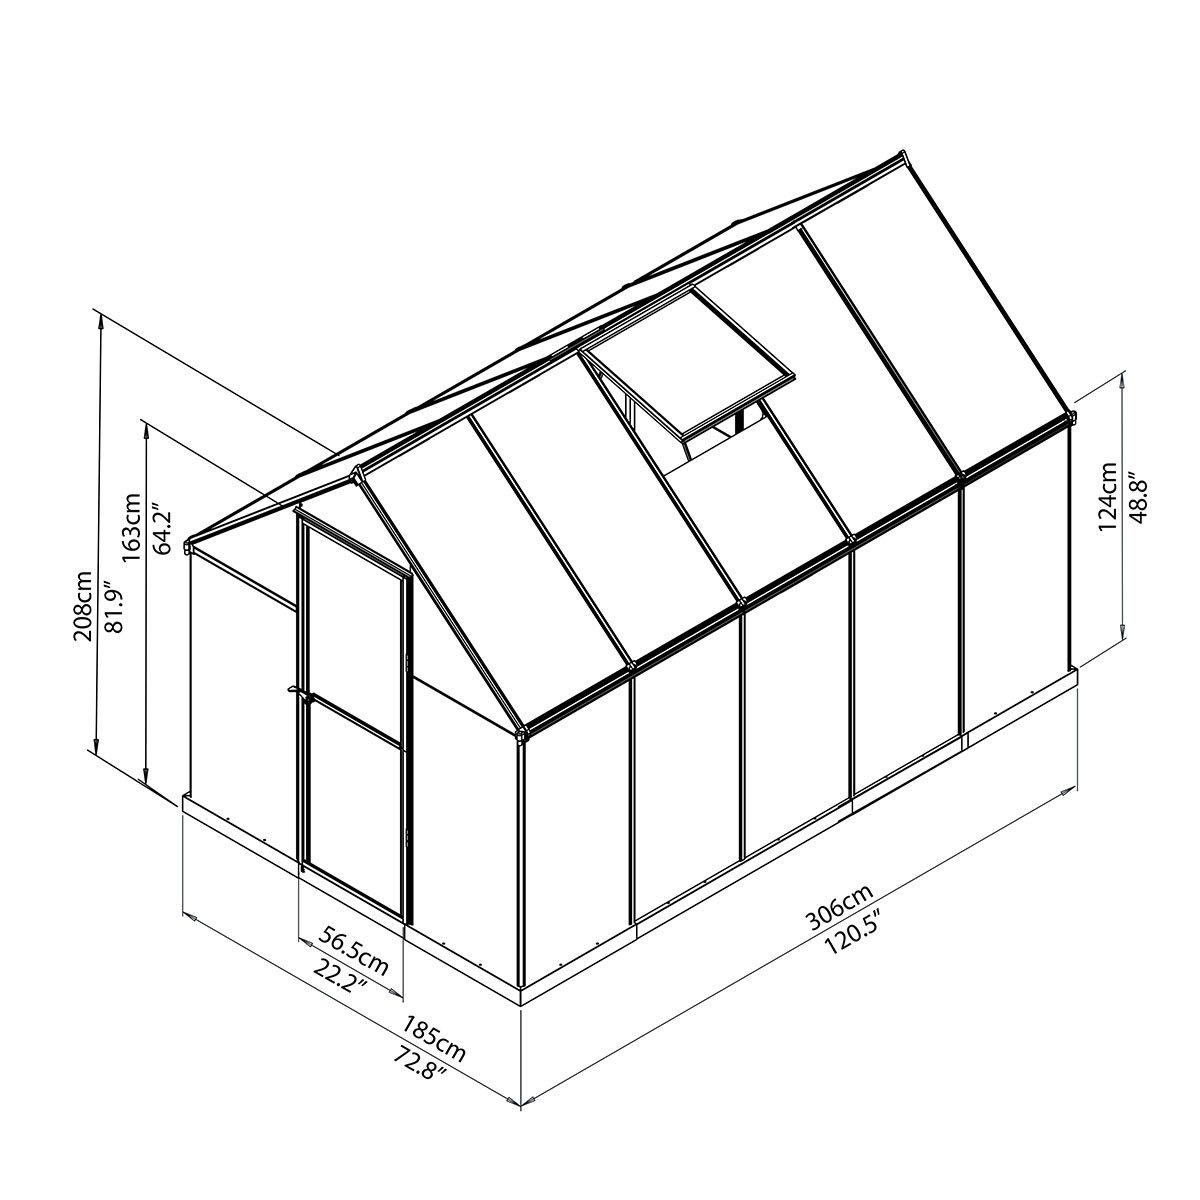 Gewächshaus Multi Line 6 x 10 inkl. Stahlfundament | #8